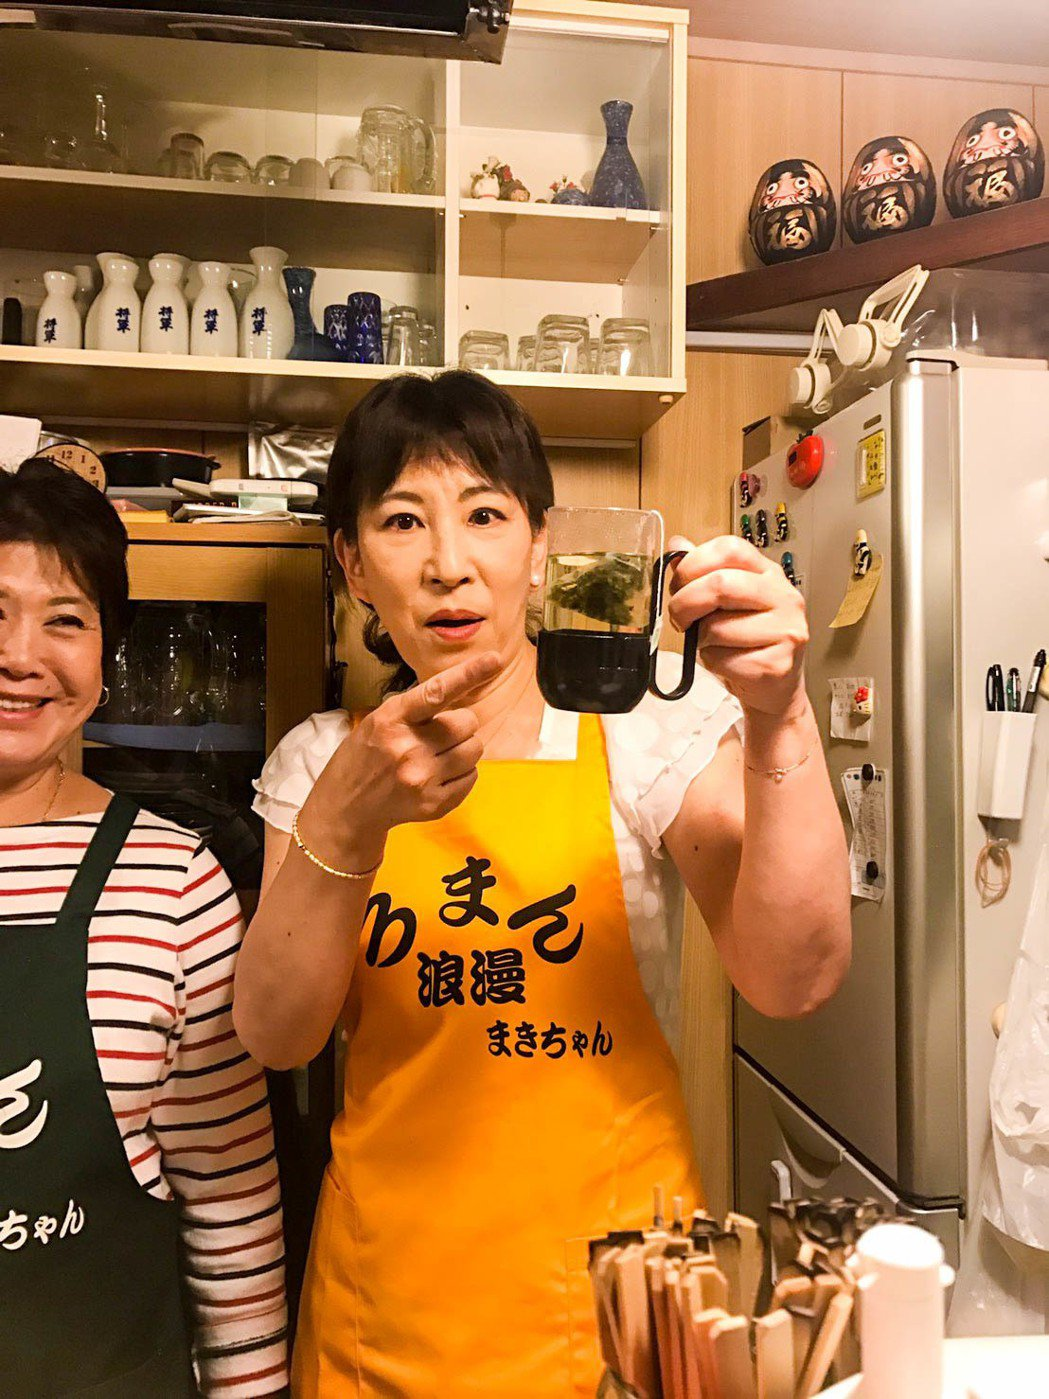 日本民眾喝到阿里山高山茶為之驚艷。圖/ 翁章梁團隊提供